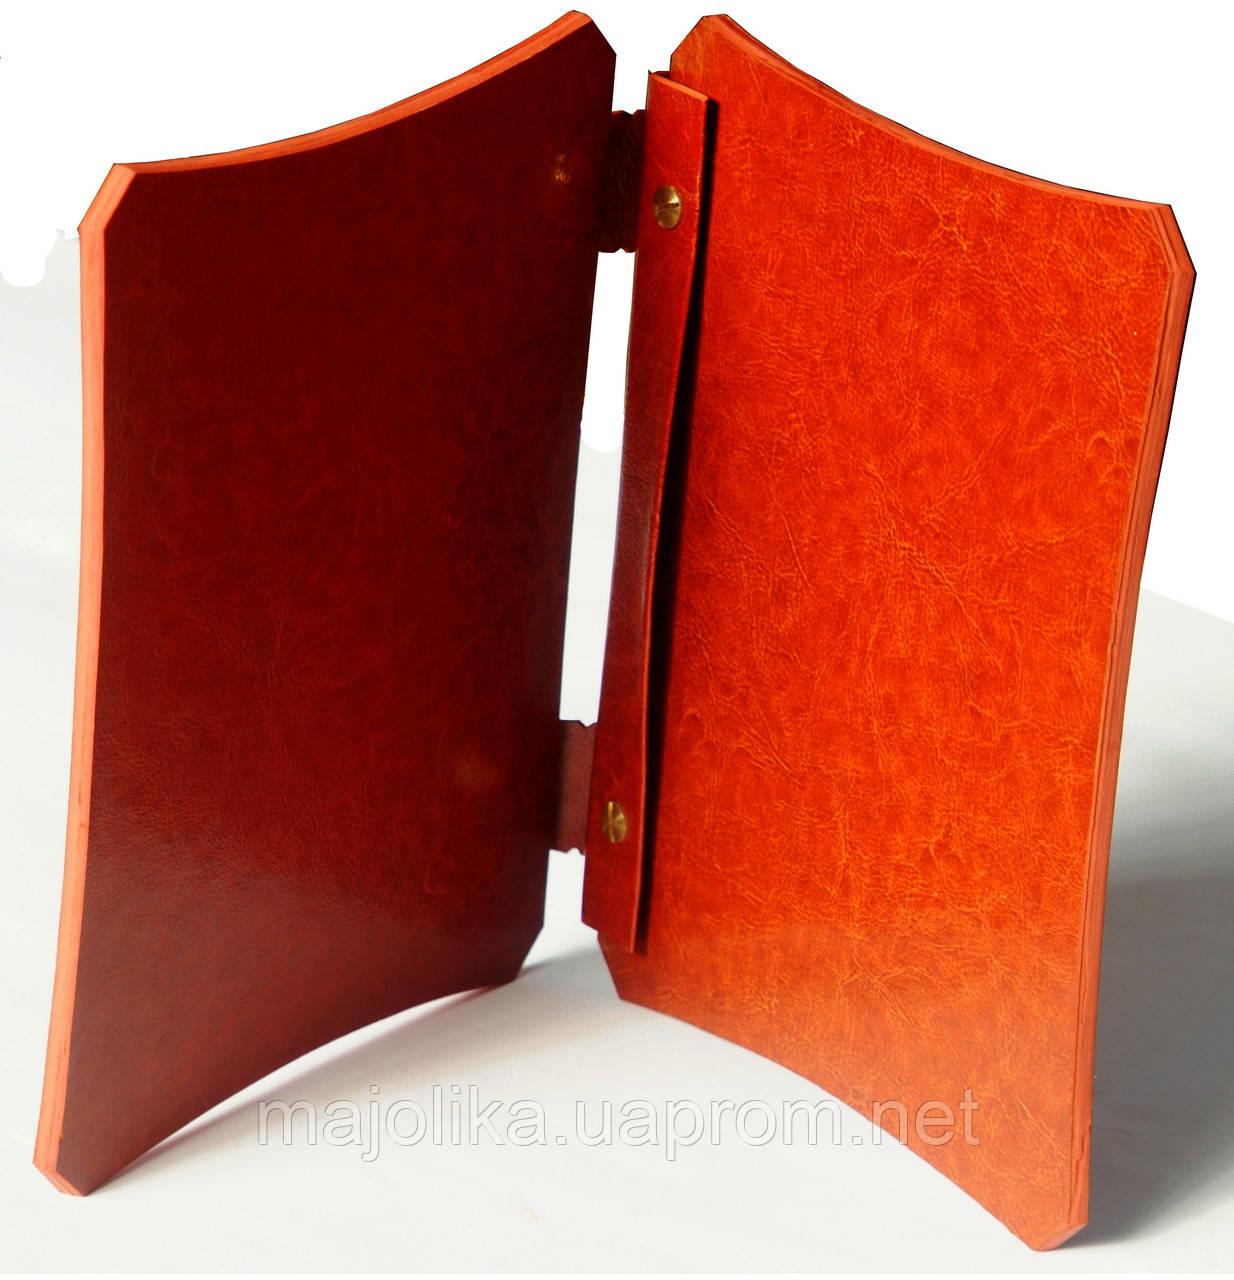 Папки-меню з листової шкіри.